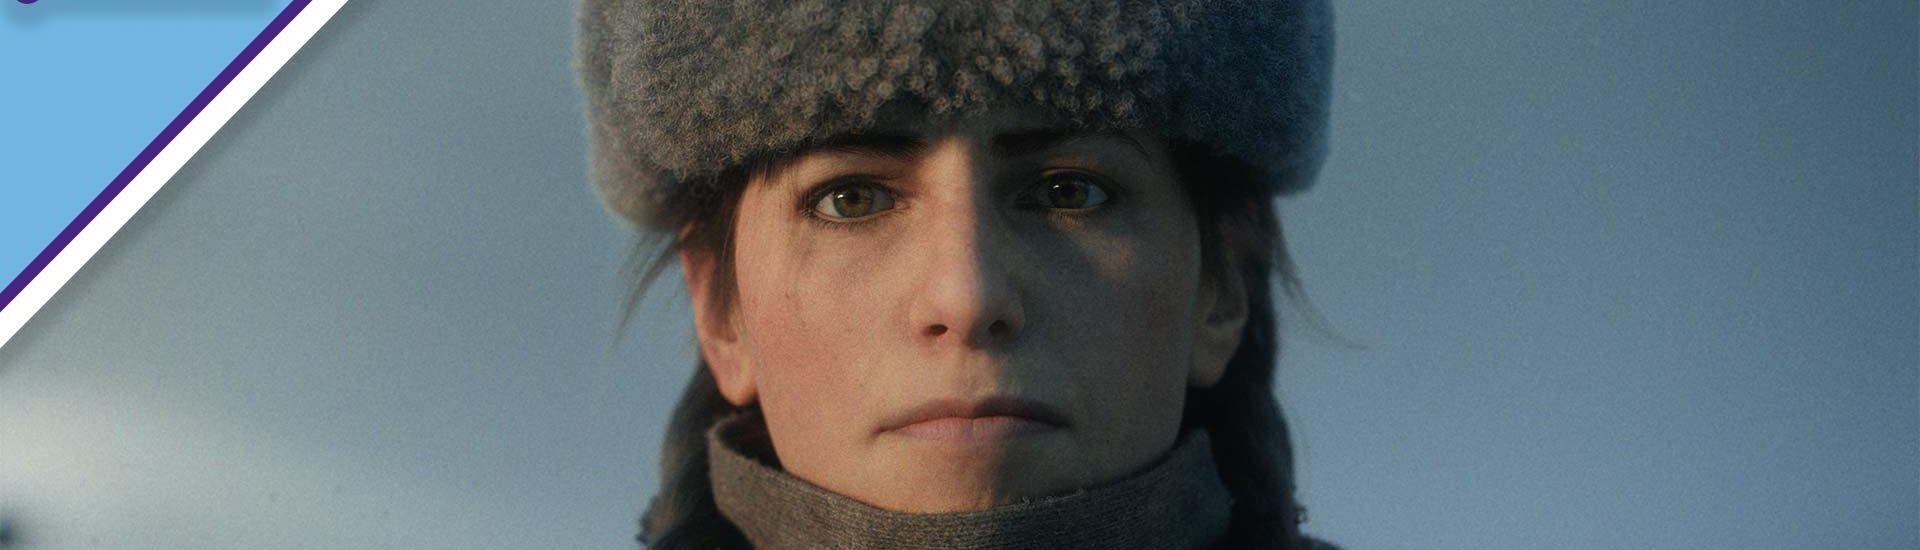 Gamescom 2021: Opening Night brennt Trailer-Feuerwerk ab